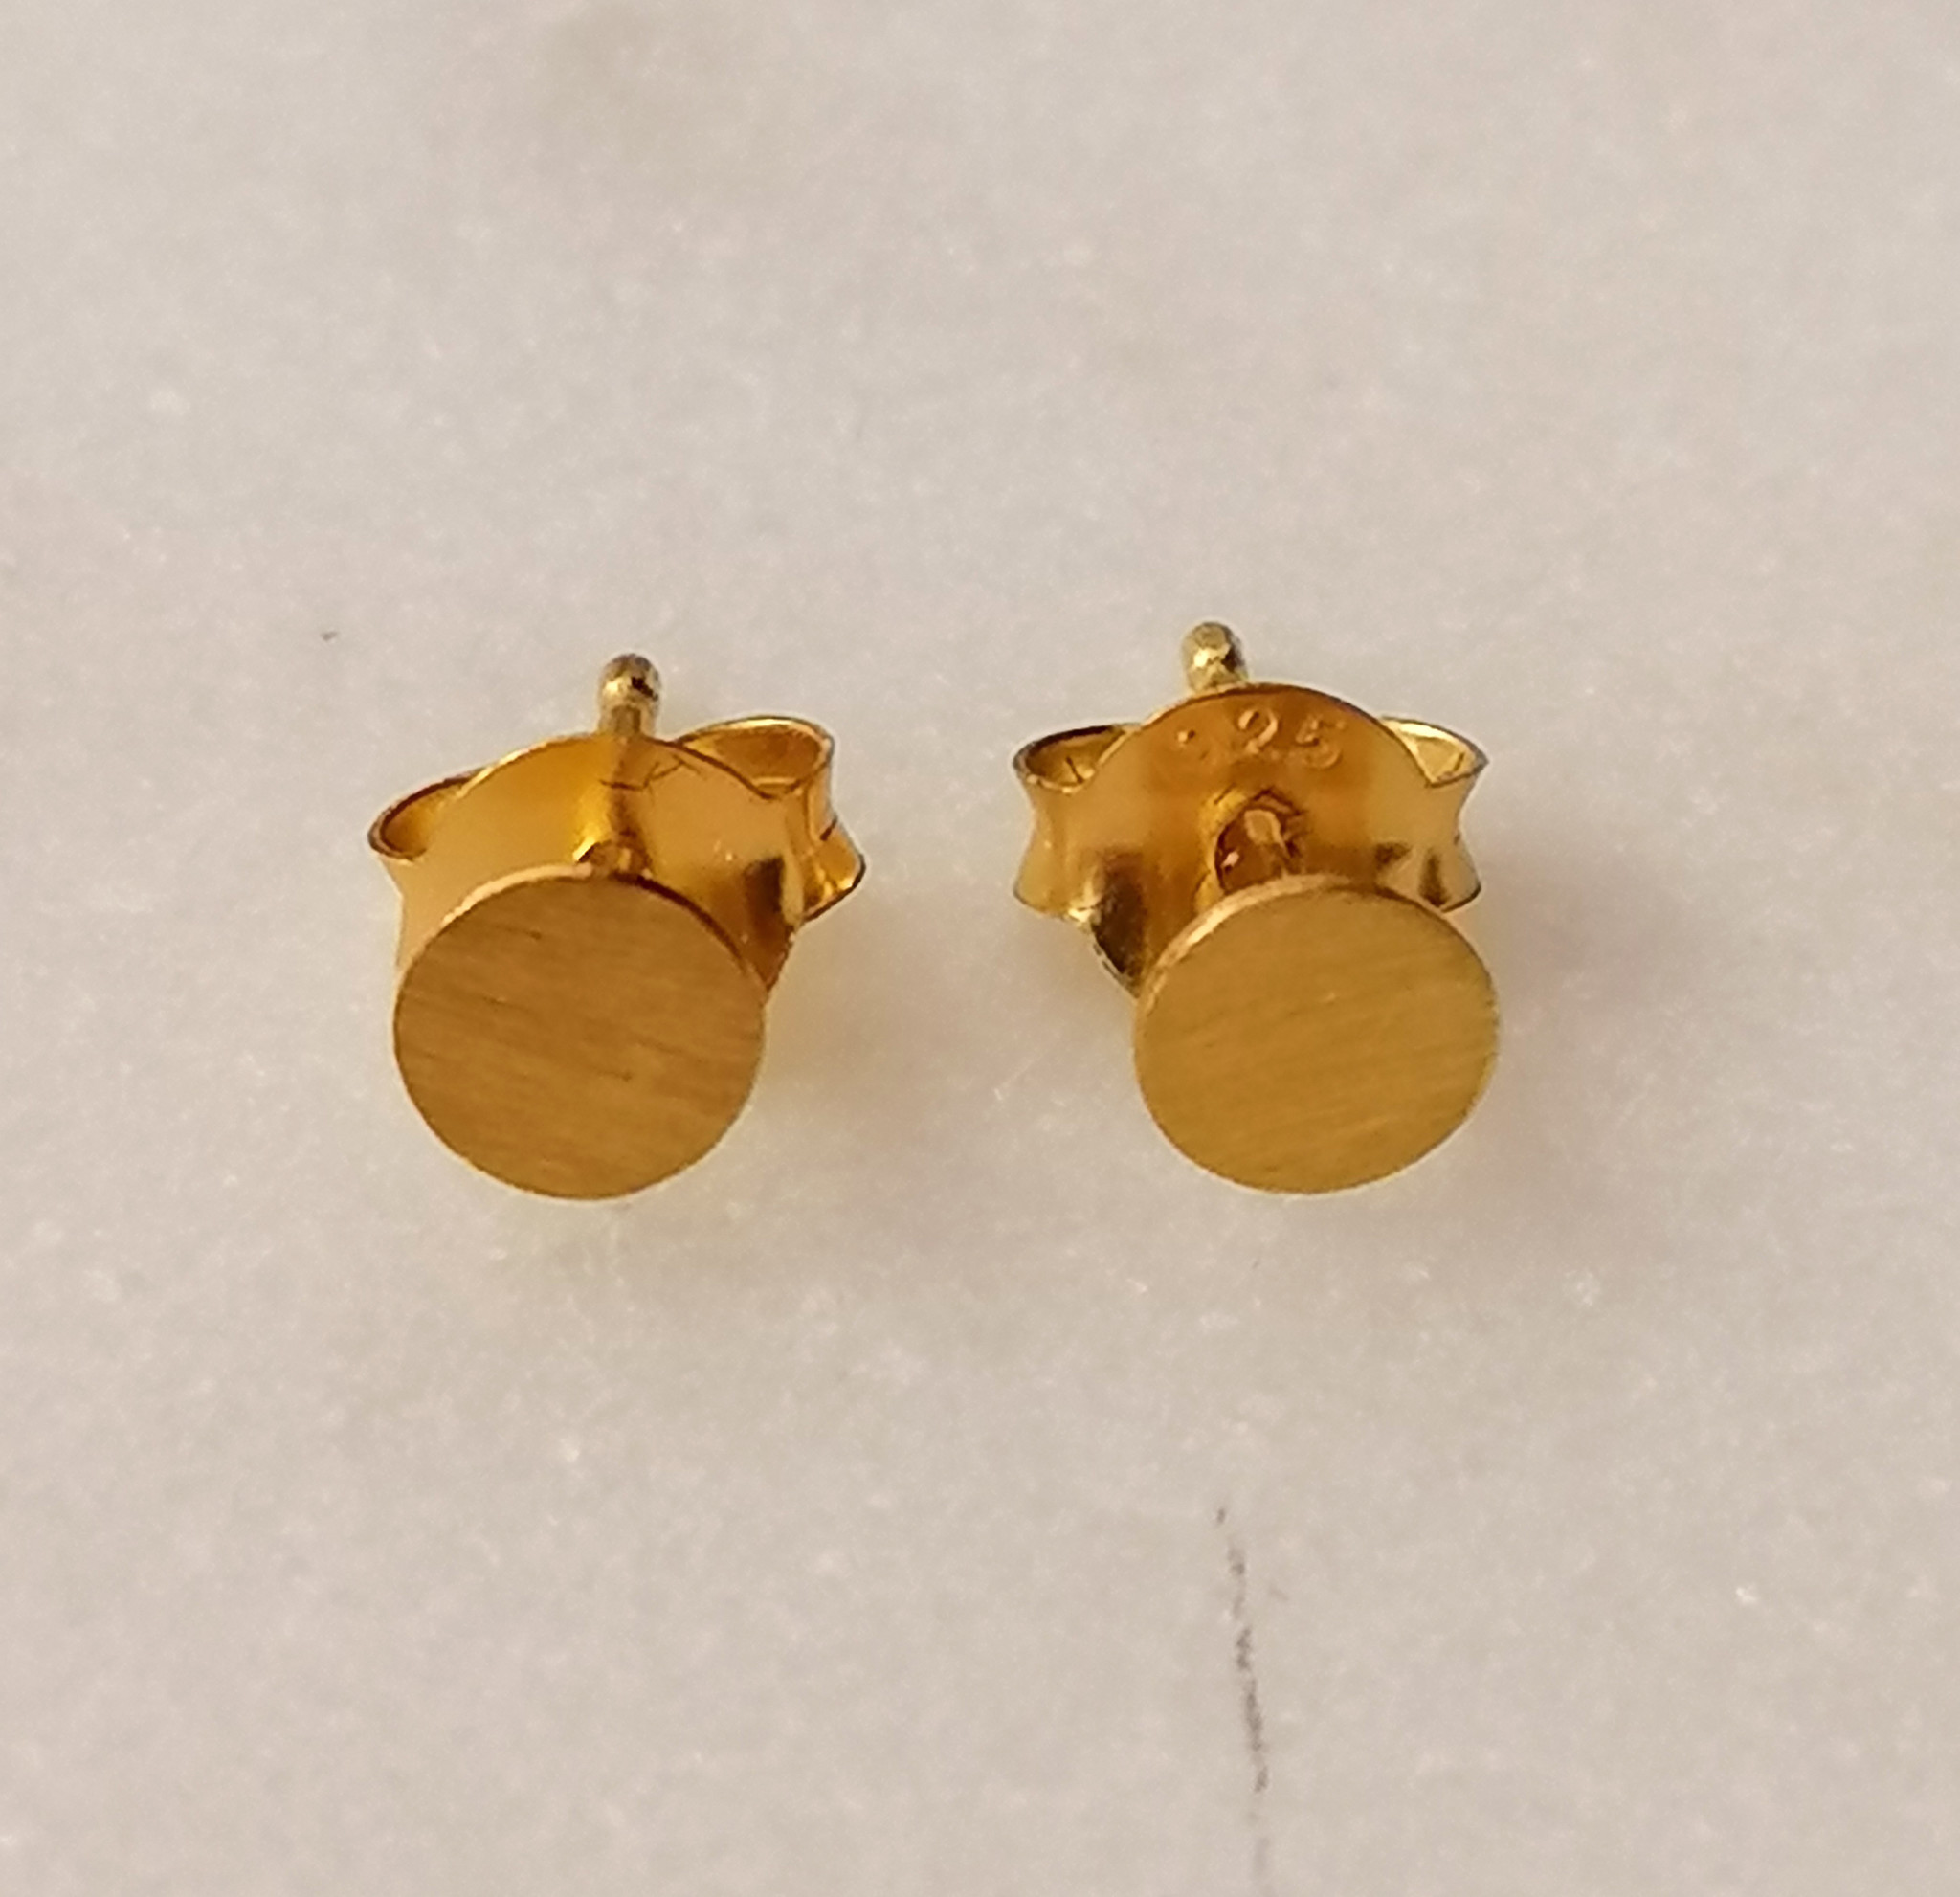 Zarter Ohrstecker rund aus 925er Sterling Silber - Gold doubliert matt-8